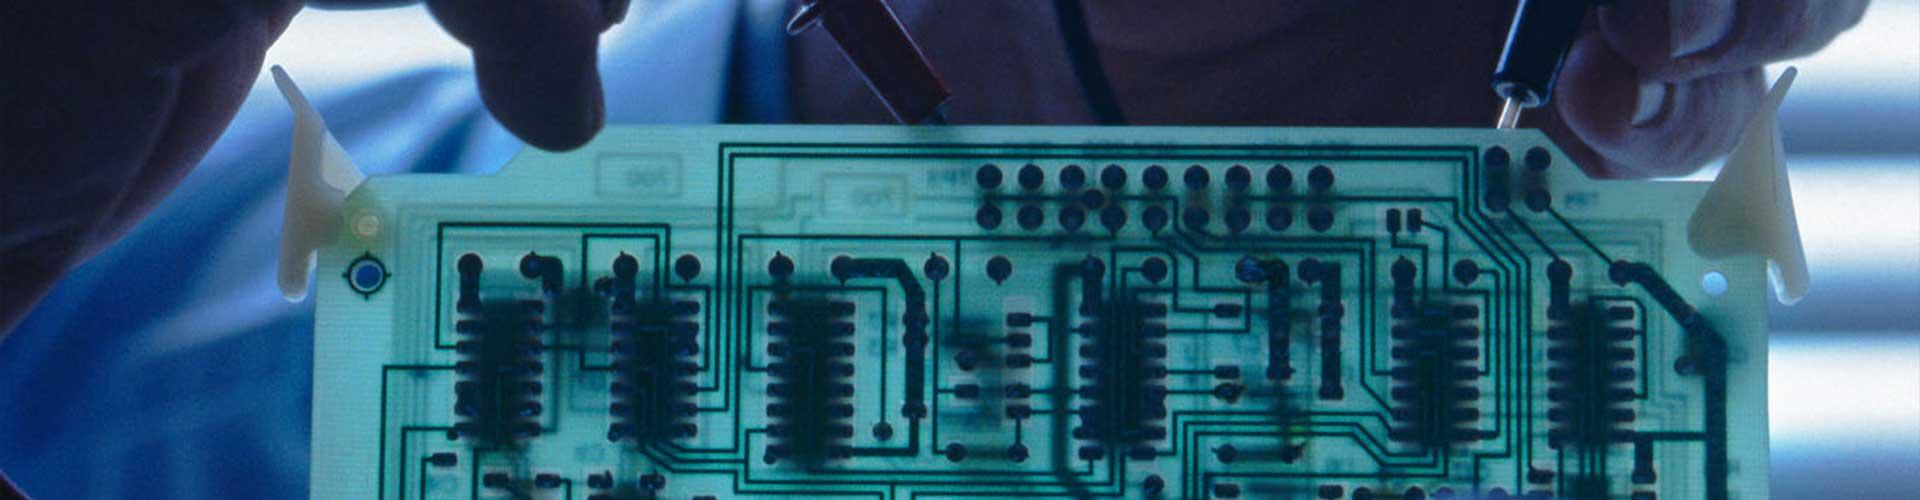 PCB repair specialists